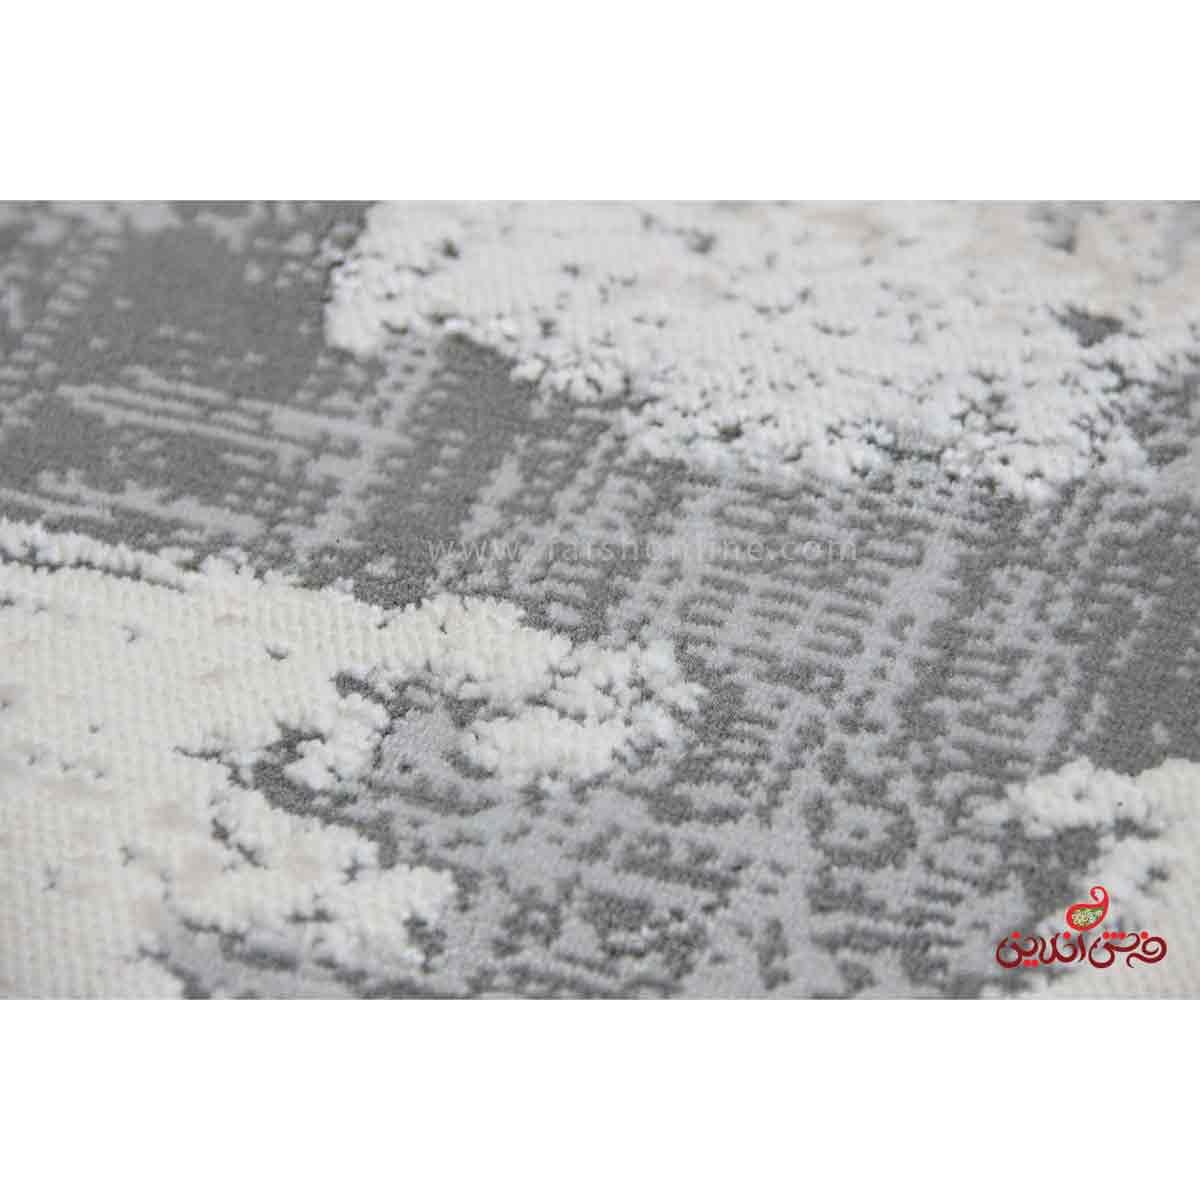 فرش ماشینی آرمانی کلکسیون حسنا کد 2008 طوسی